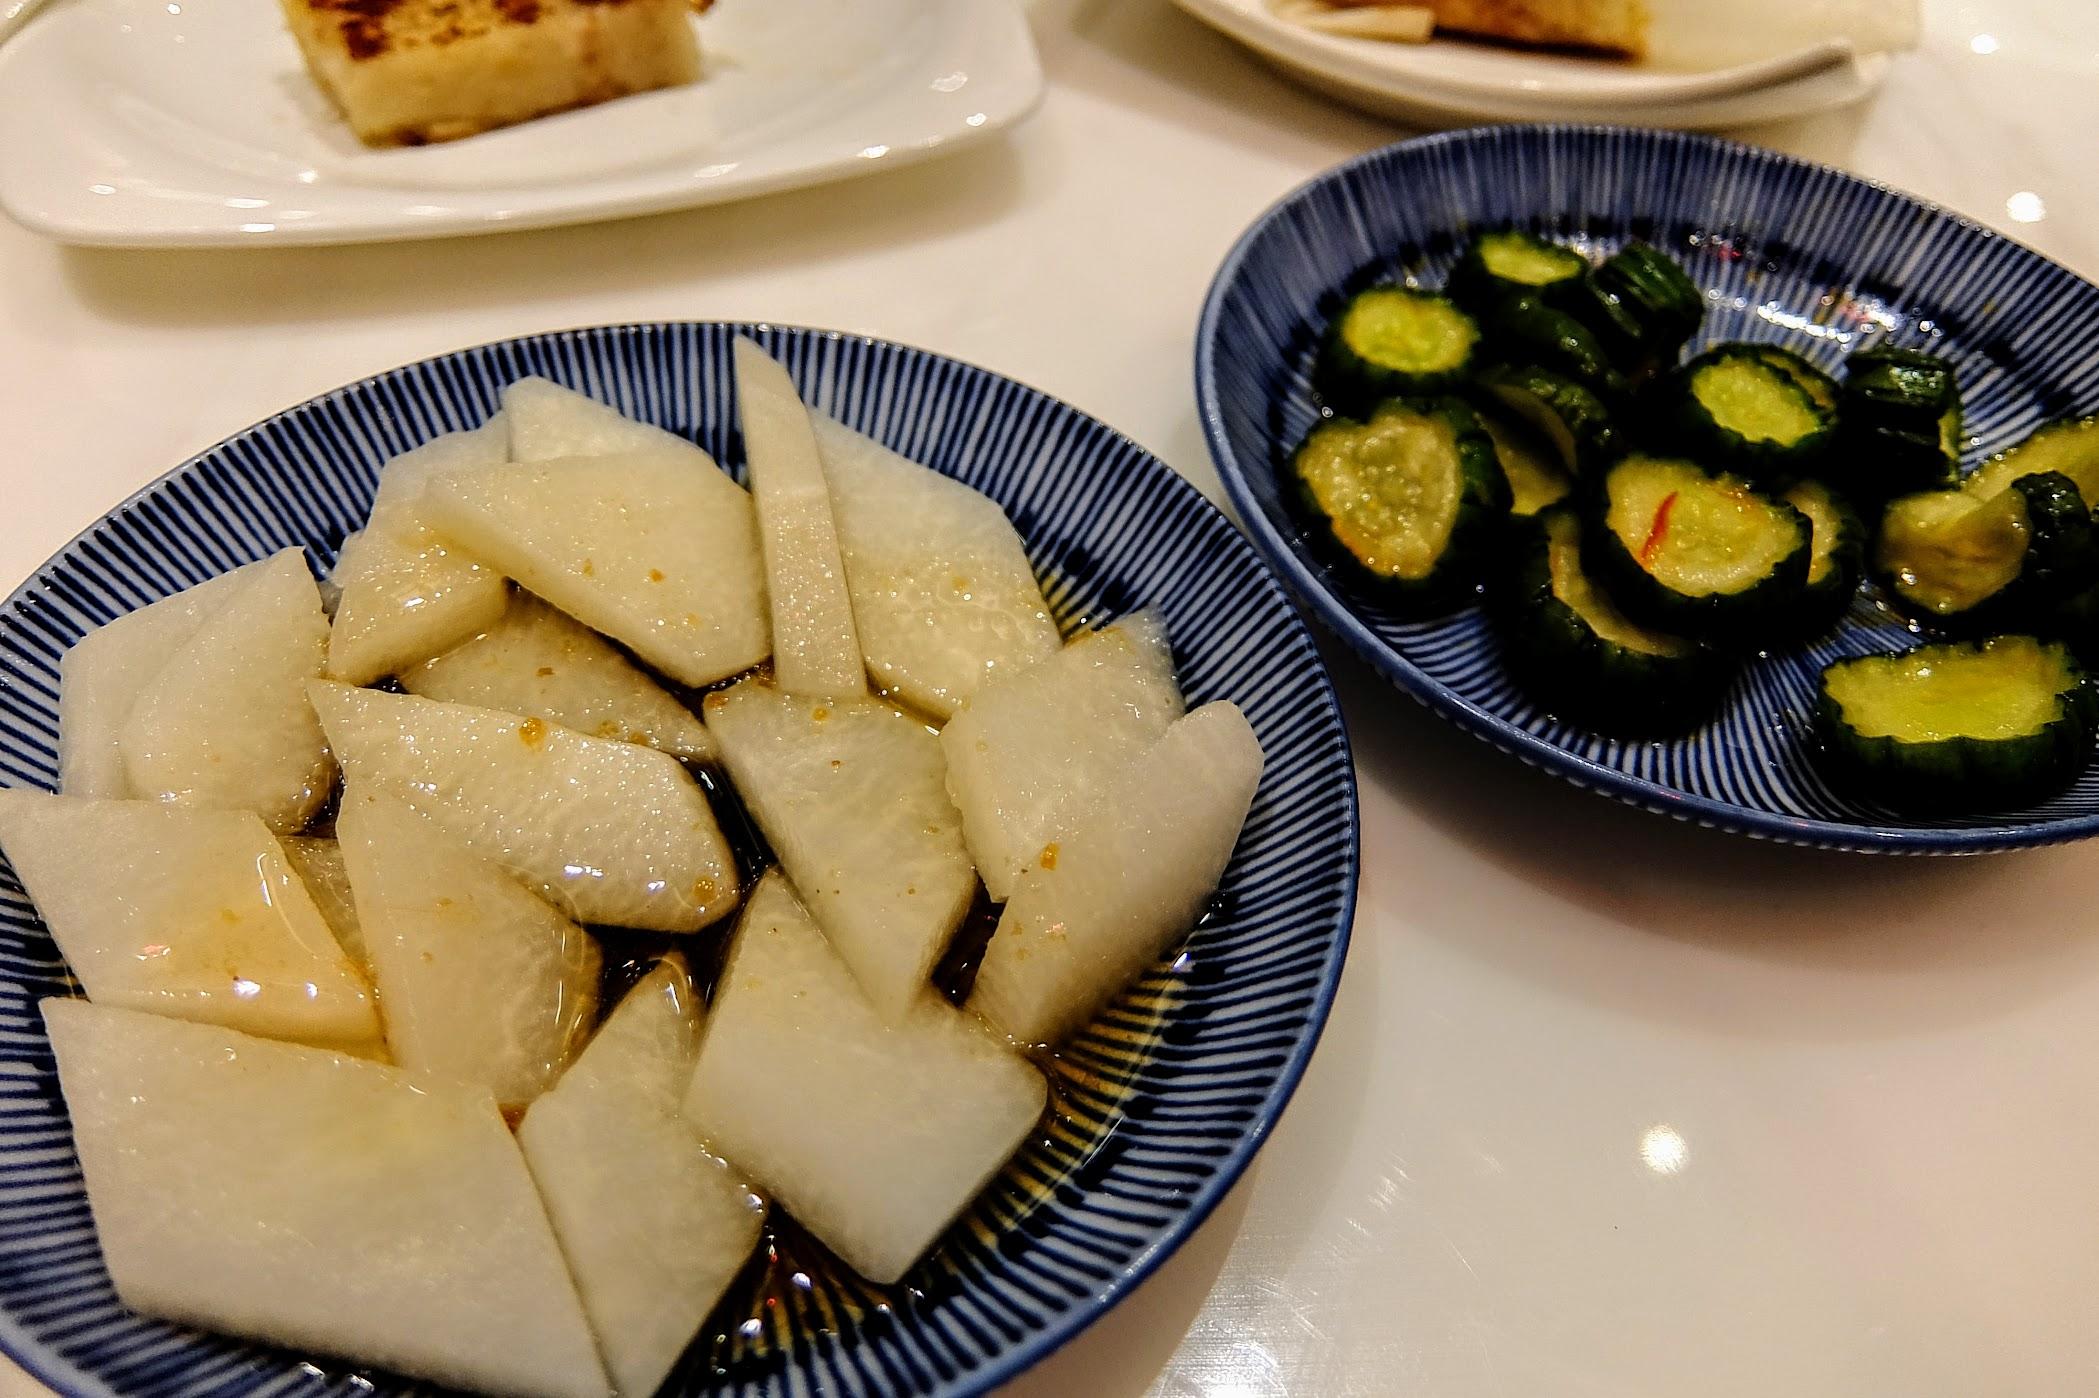 醃黃瓜不錯,帶著一點辣,但是醃蘿蔔不夠入味